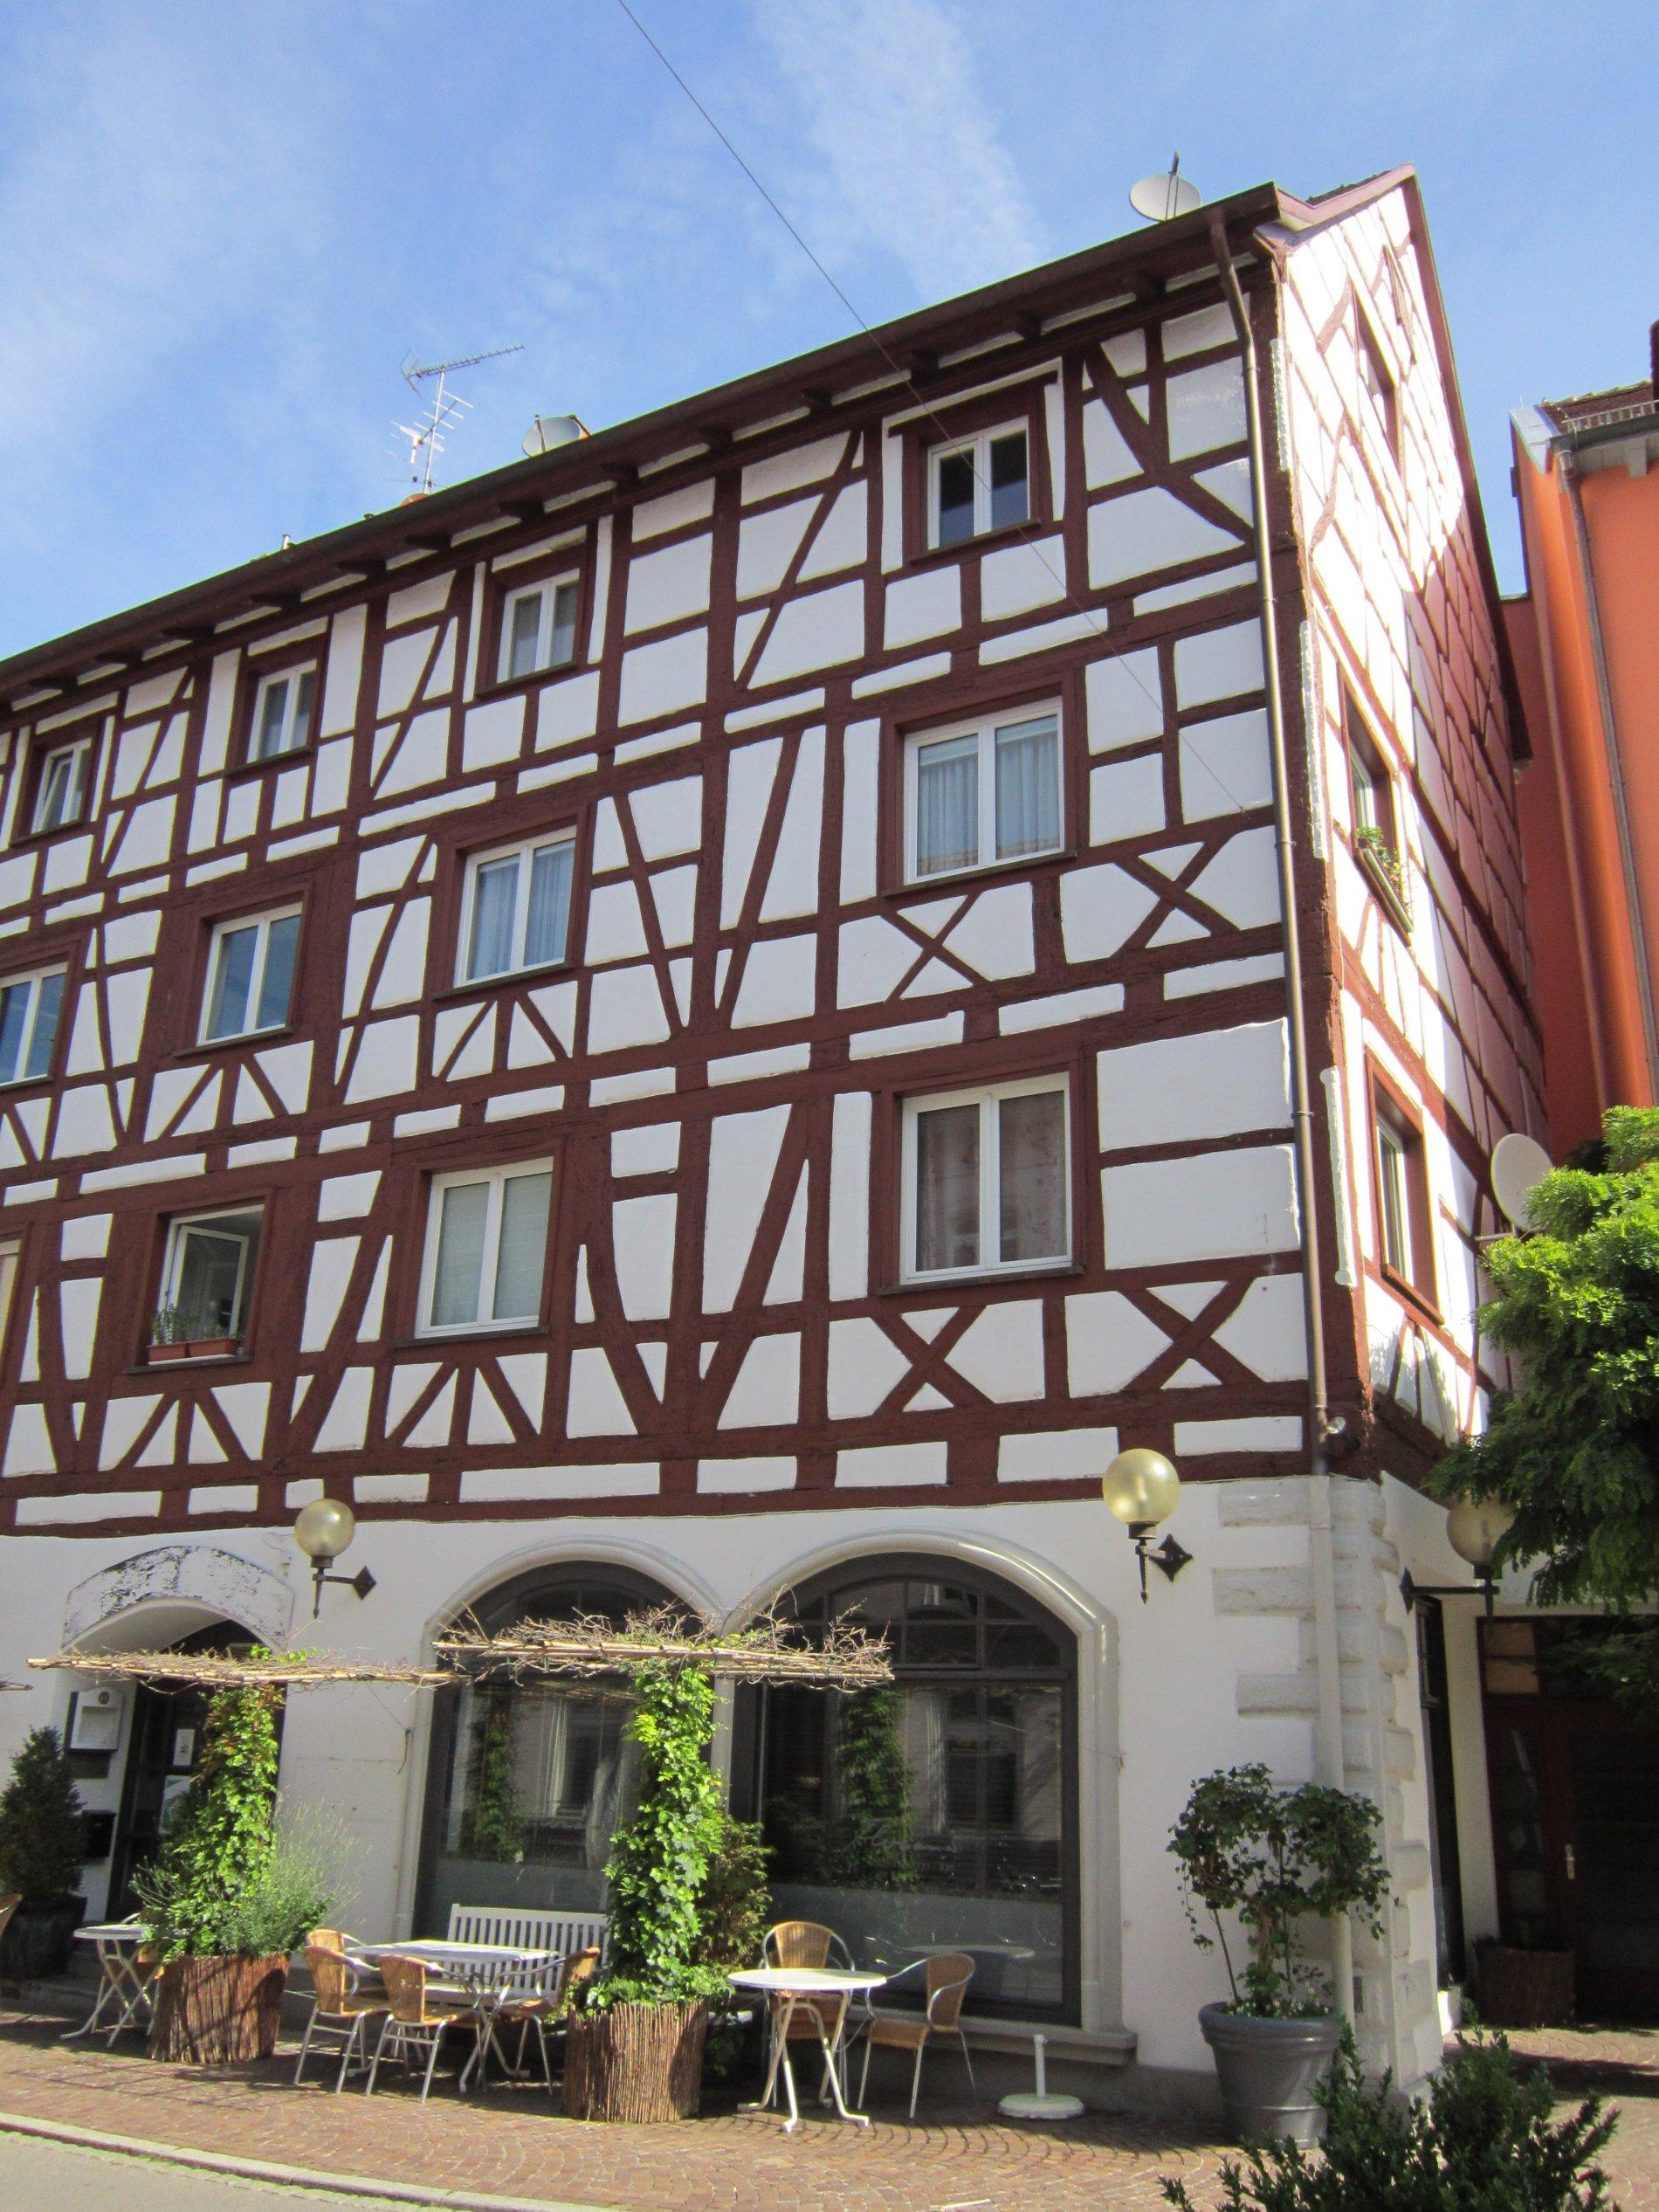 Egloffsches Haus/Münzschmiede Radolfzell